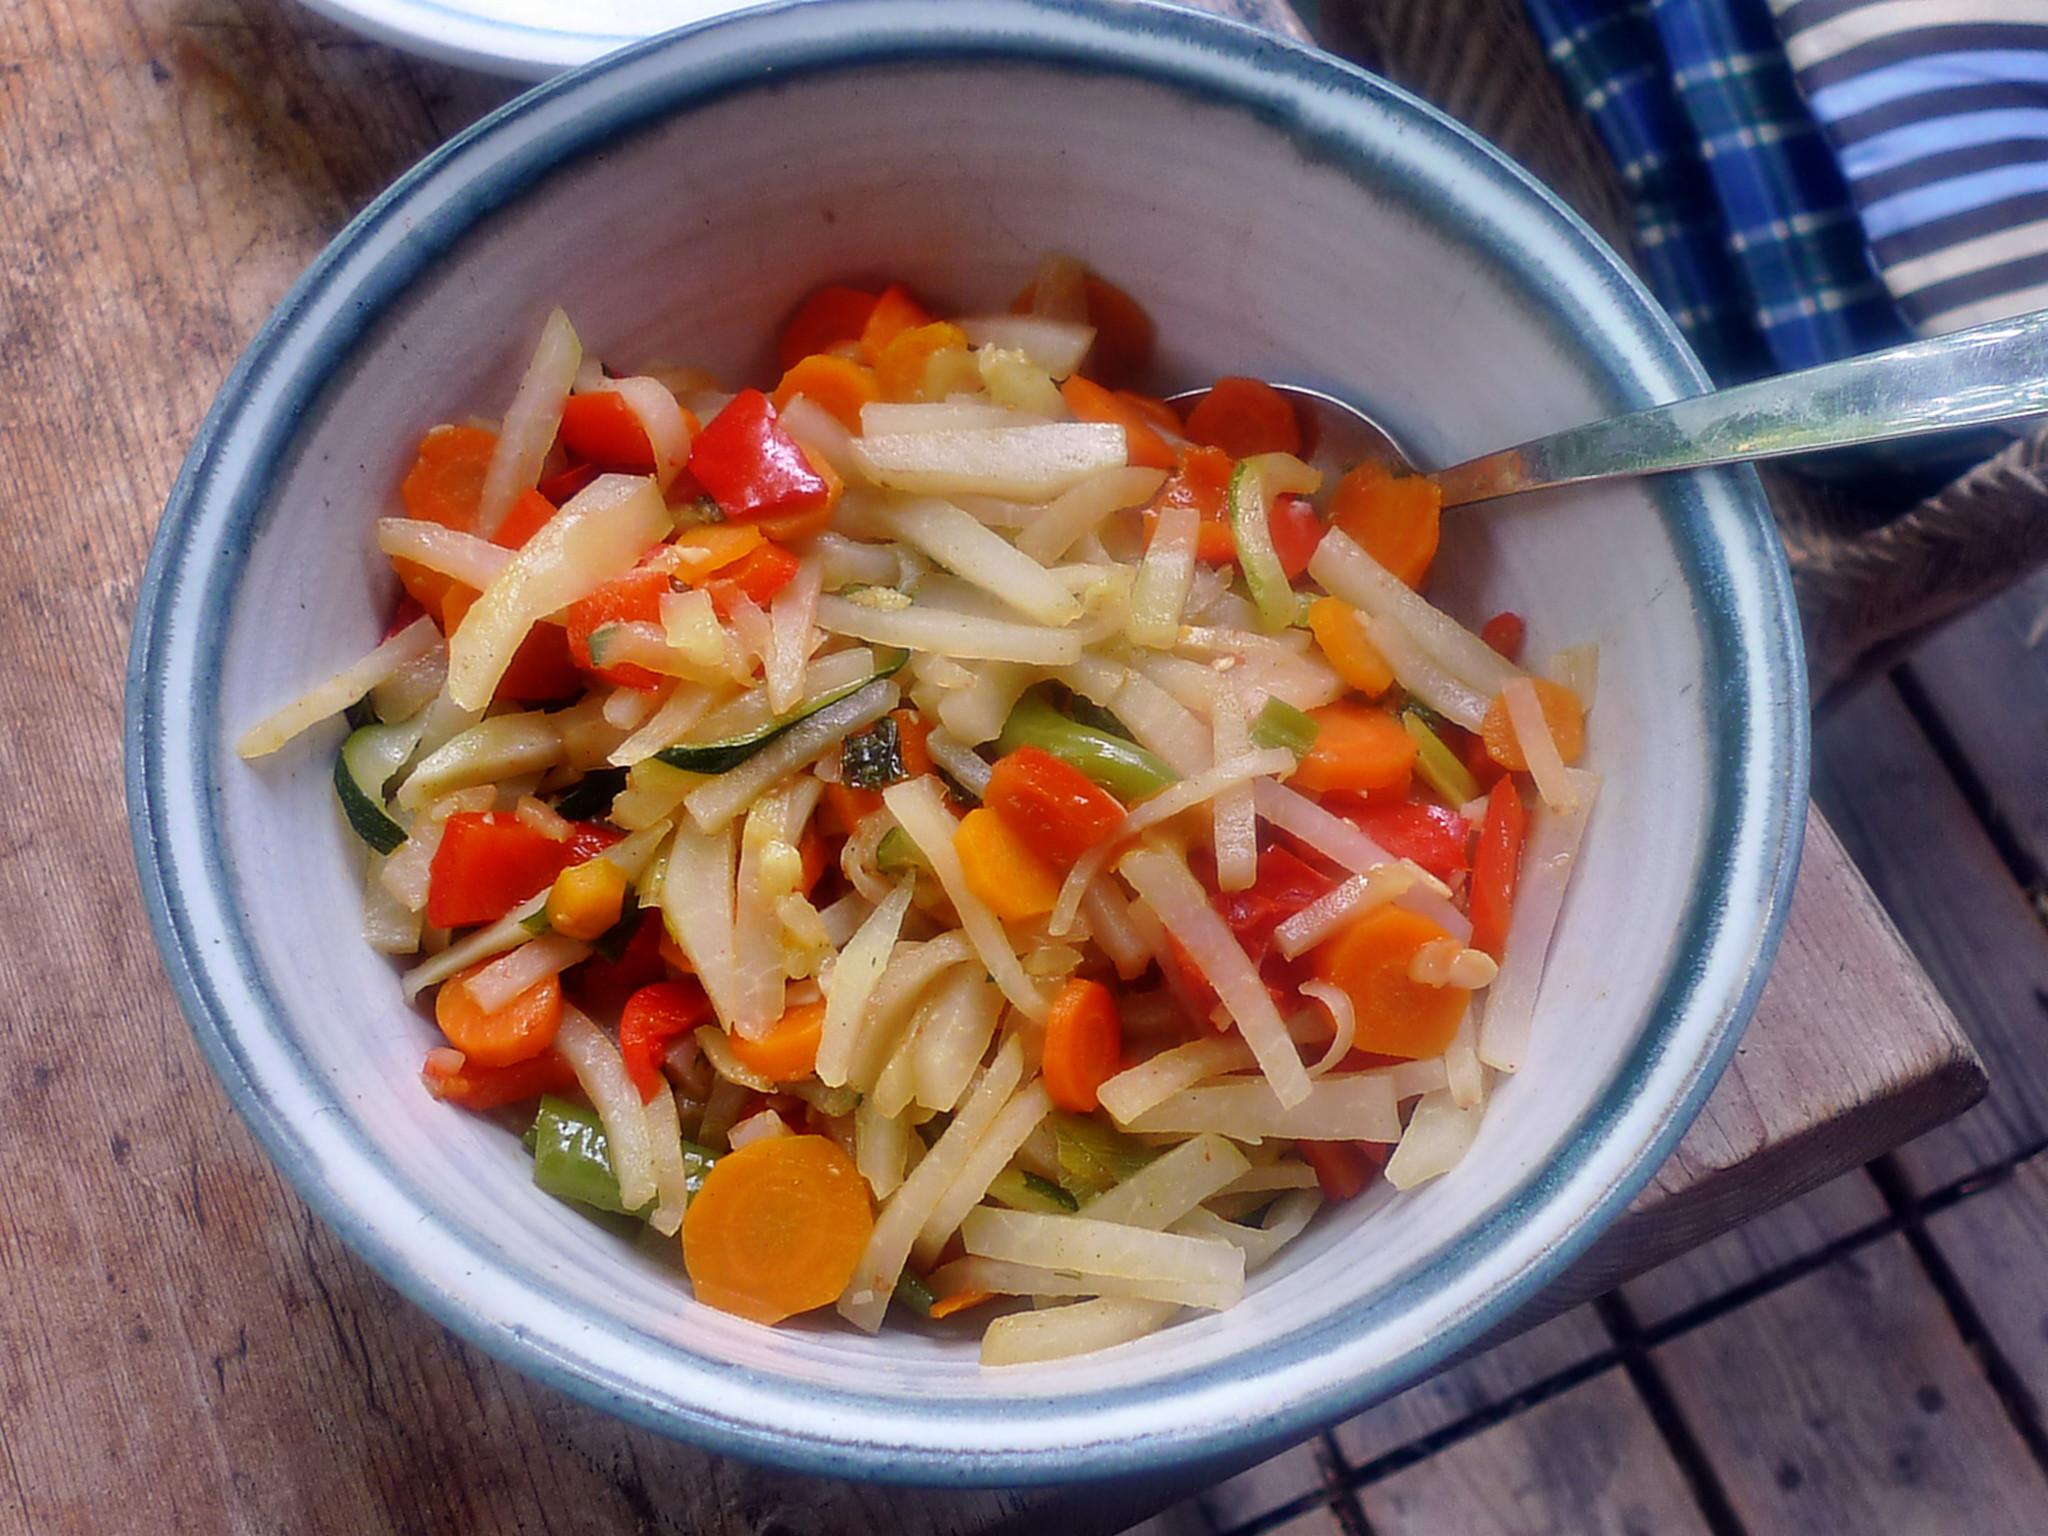 Gemüsepfanne-Dip-Bratkartoffel-21.7.14   (11)